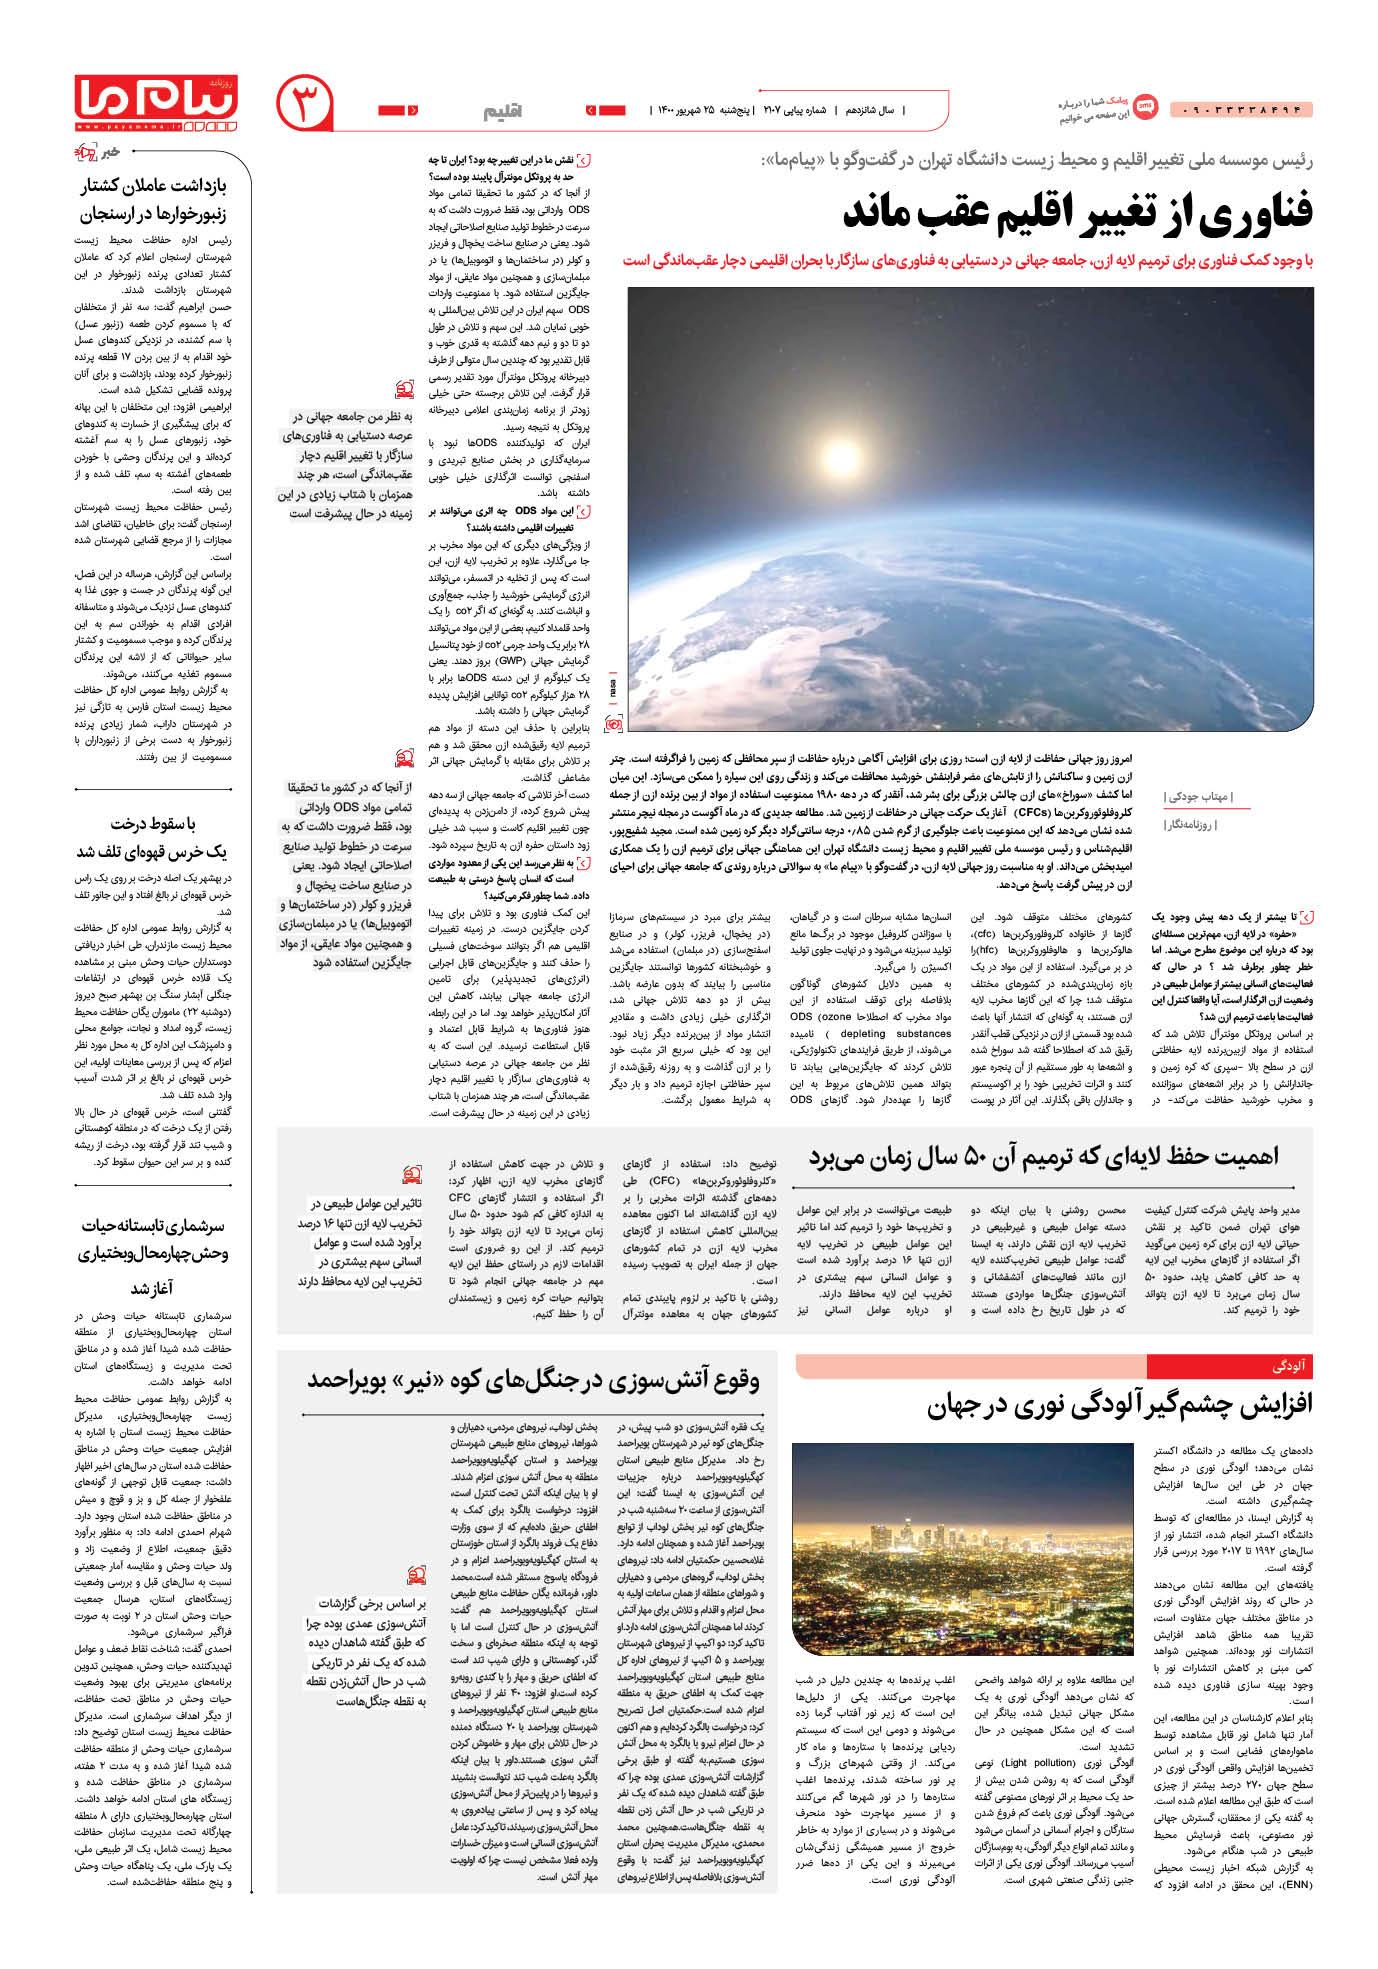 صفحه اقلیم شماره 2107 روزنامه پیام ما